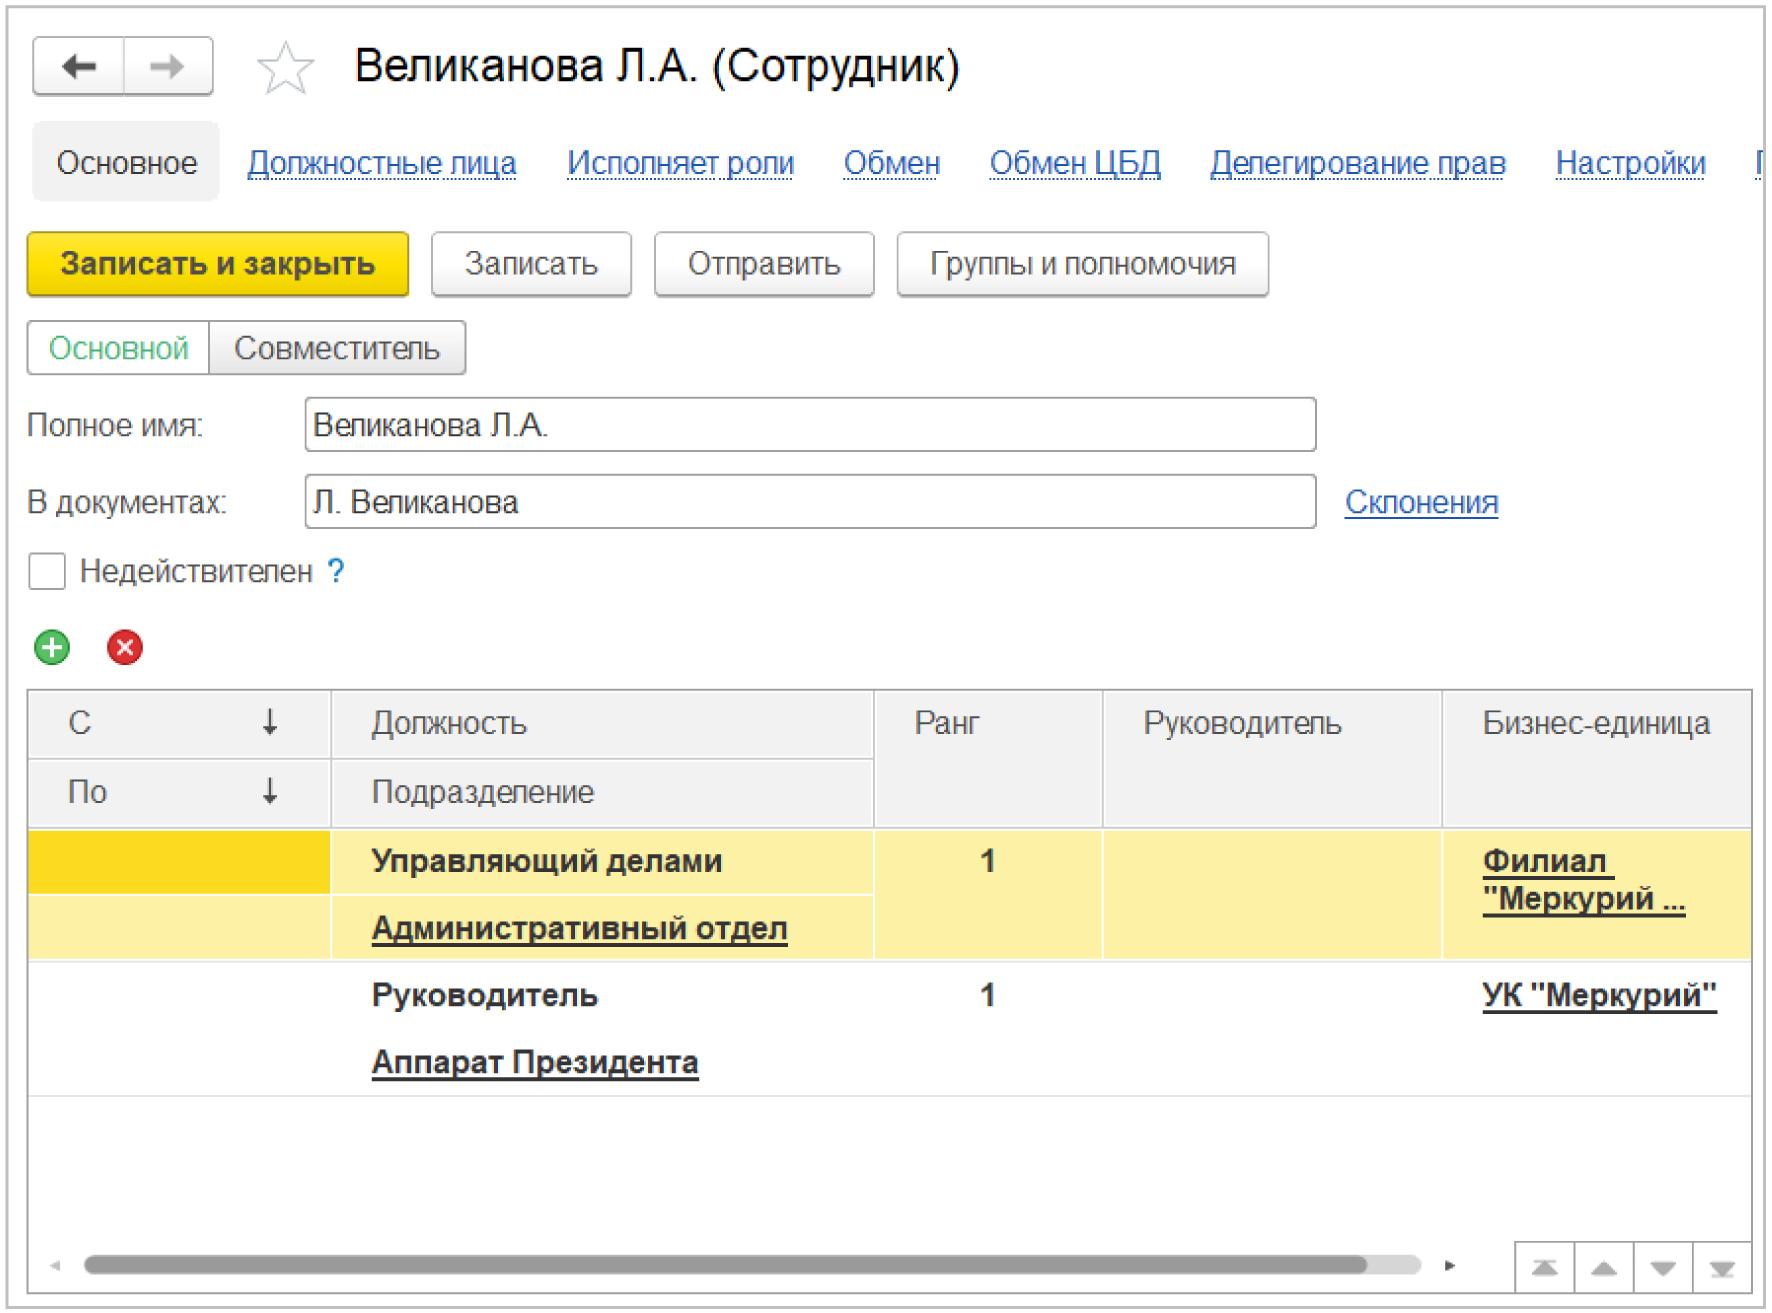 должностные лица в 1С:Документооборот 3.0